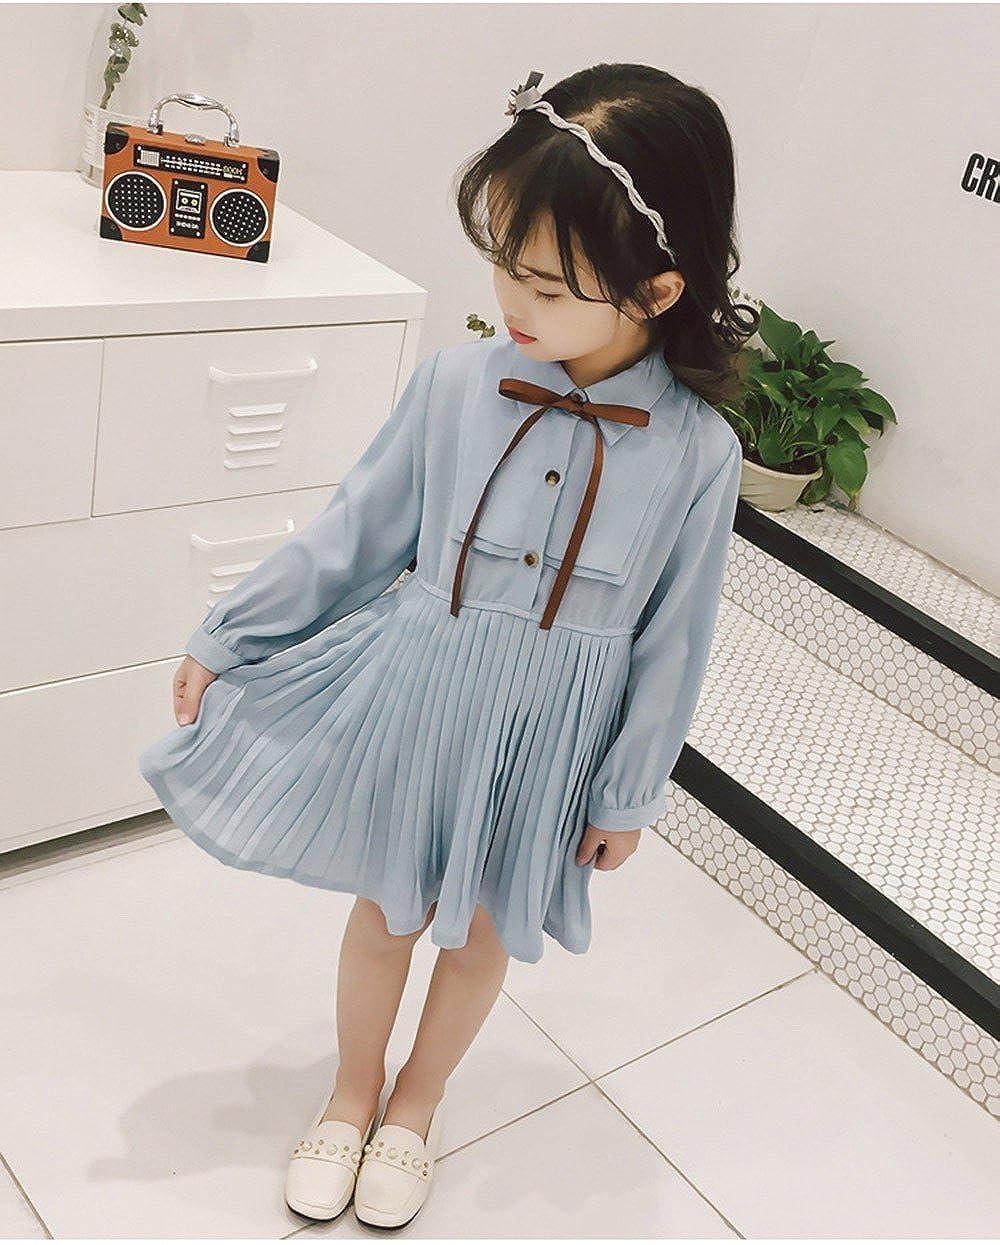 Vestidos Bebé niña, ❤ Modaworld Vestido de Bowknot sólido drapeado de bebés niñas Vestidos de Fiesta Princesa Slim Casaul de Manga Larga Trajes Ropa ...